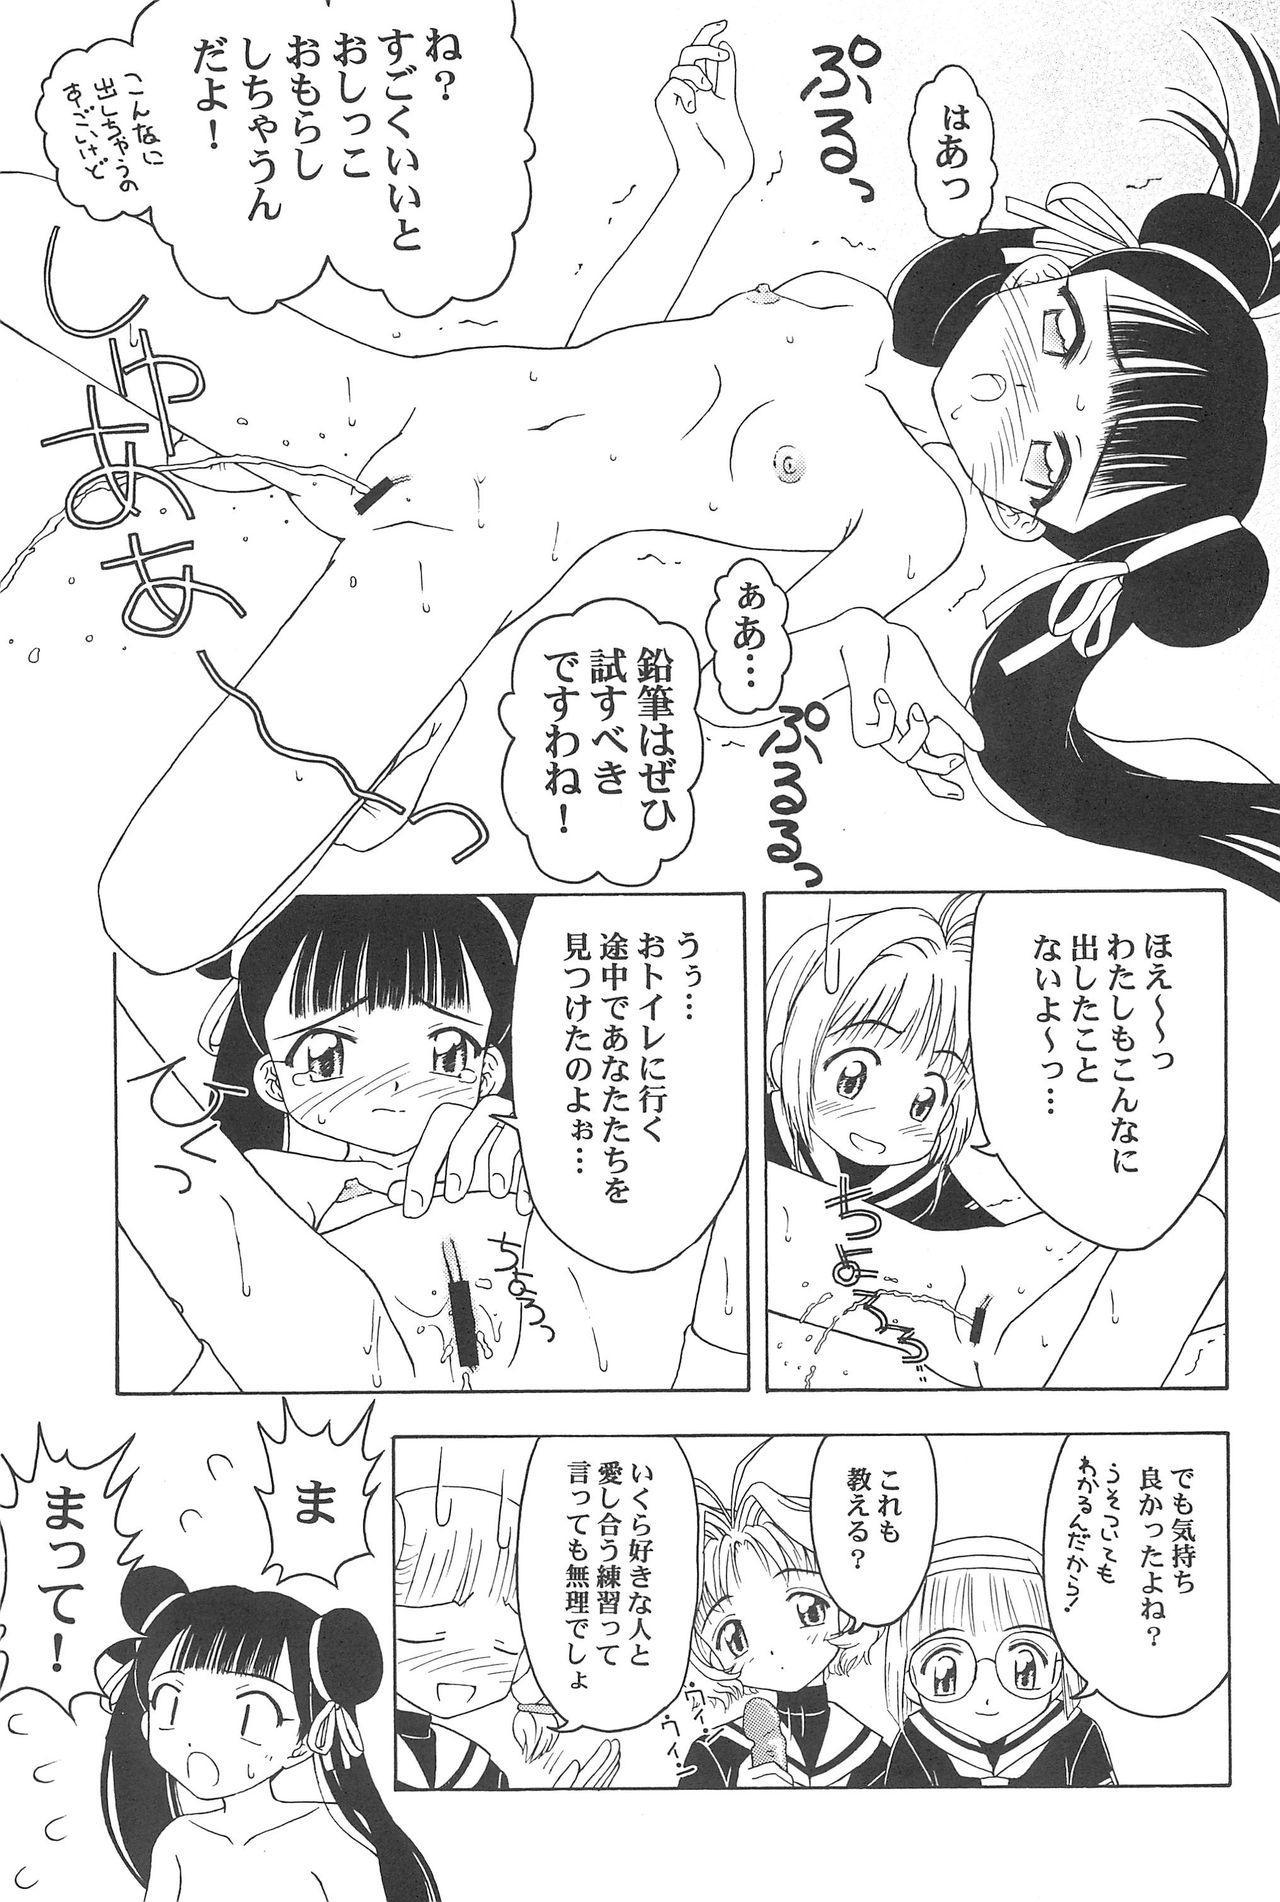 Sakura to Tomoyo ALL OF INTERCOURSE Jou 53